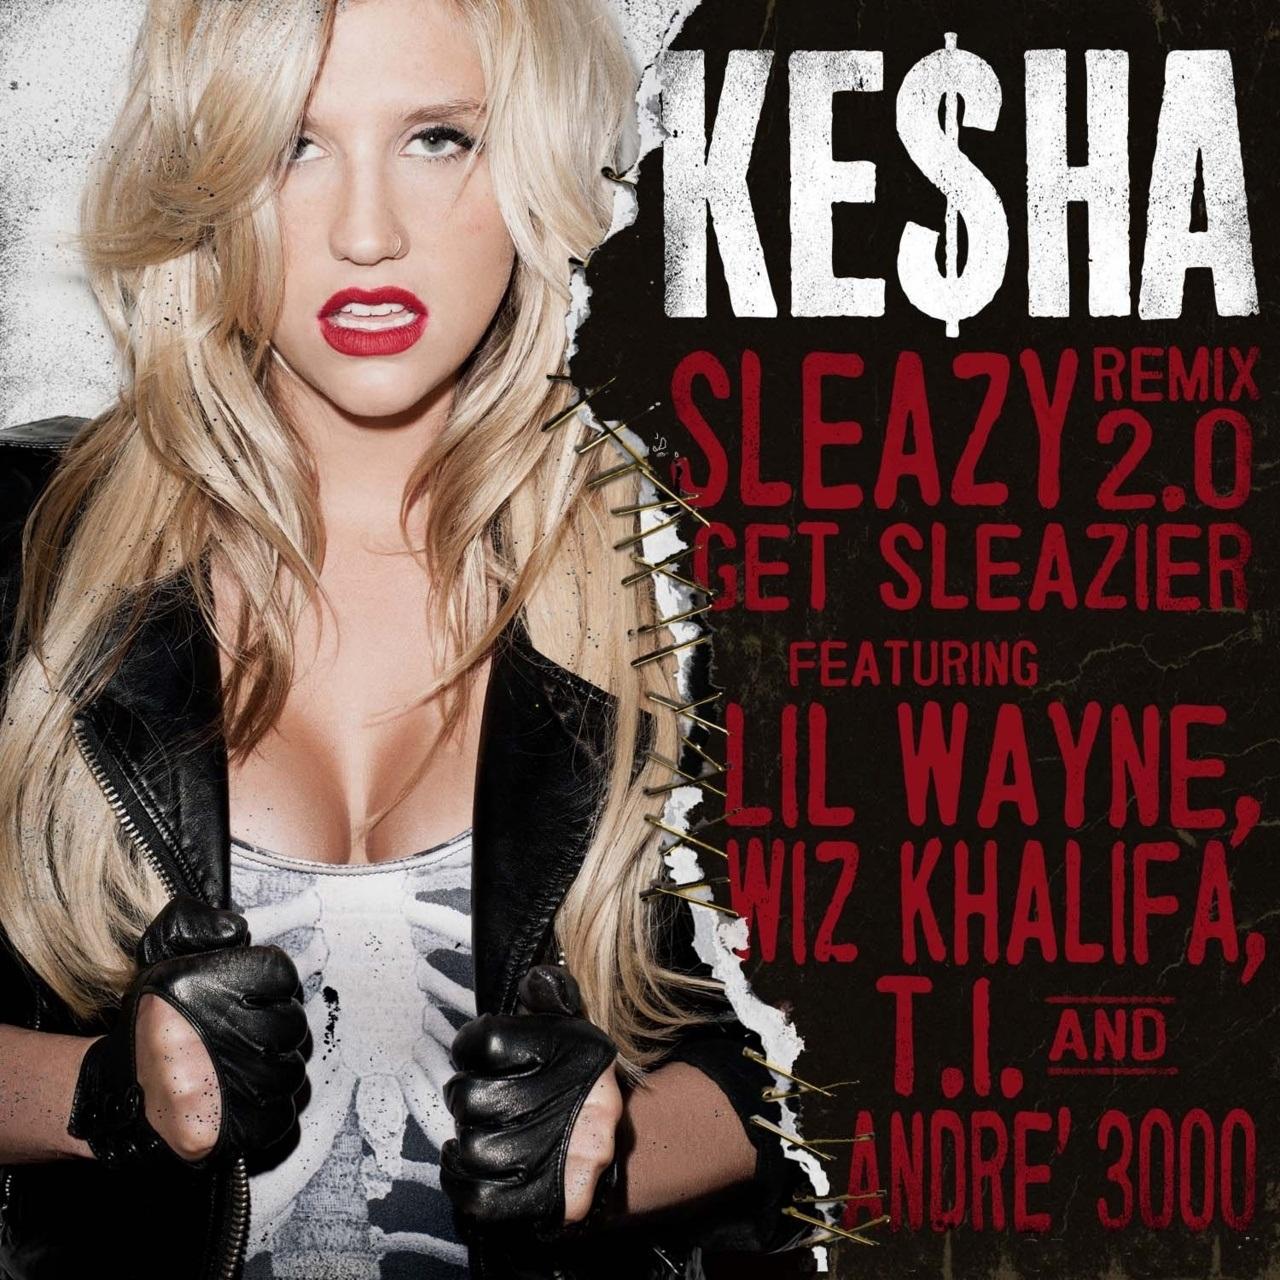 http://1.bp.blogspot.com/-5mV11zHoVCU/TuBUIb1bdZI/AAAAAAAAG3U/fzukllqIxIs/s1600/Kesha+-+Sleazy.jpg